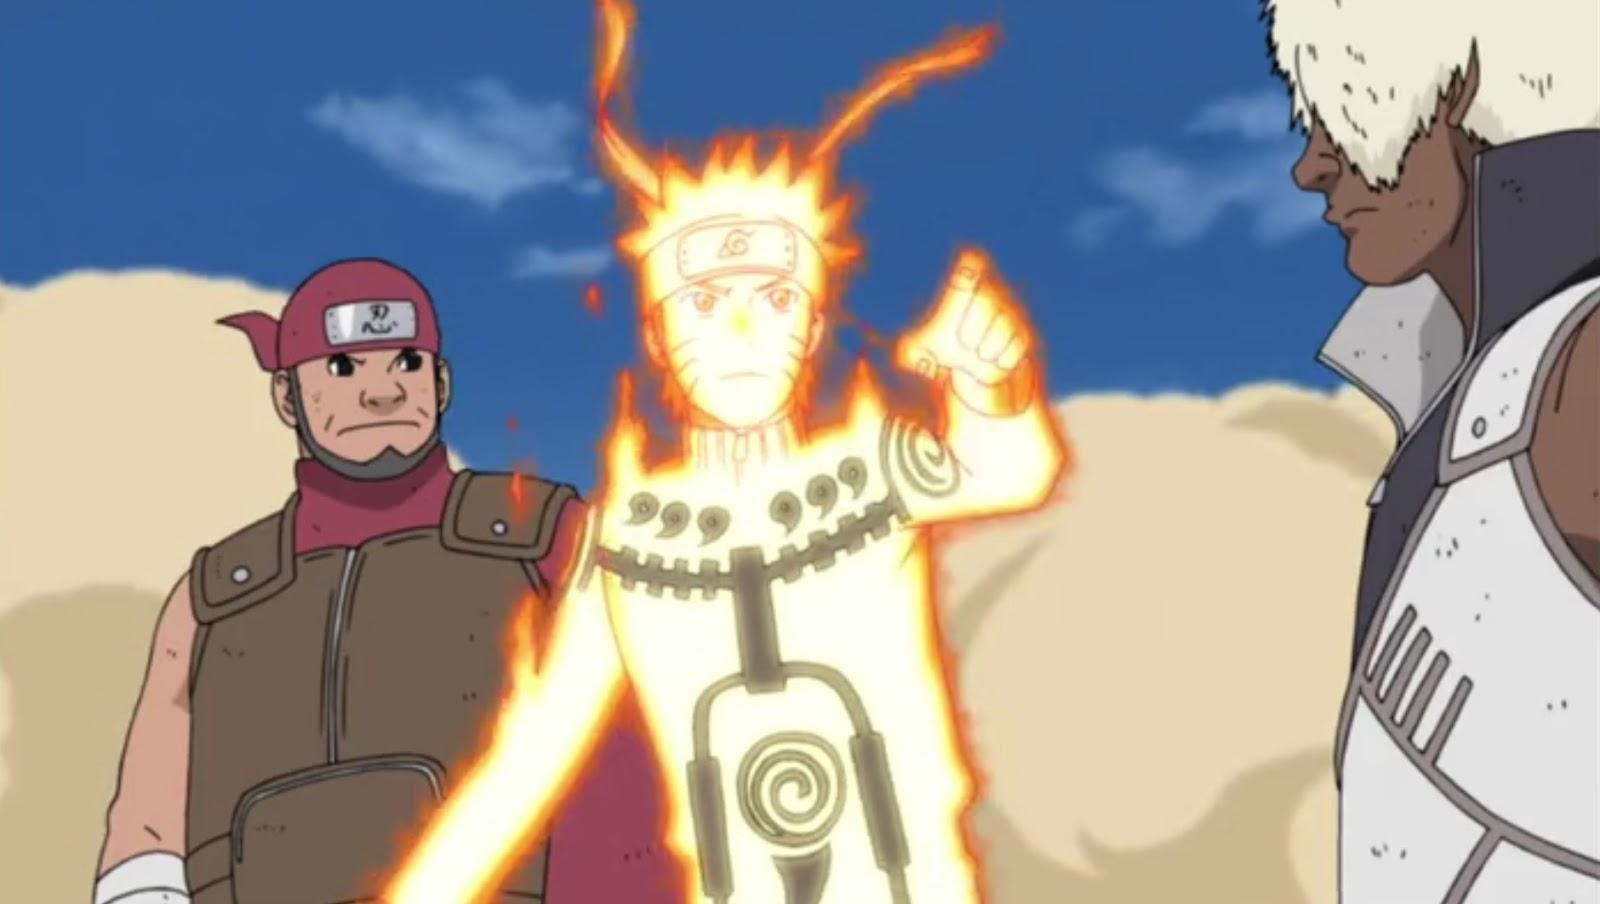 Naruto Shippuden: Episódio 321 – Os Reforços Chegam